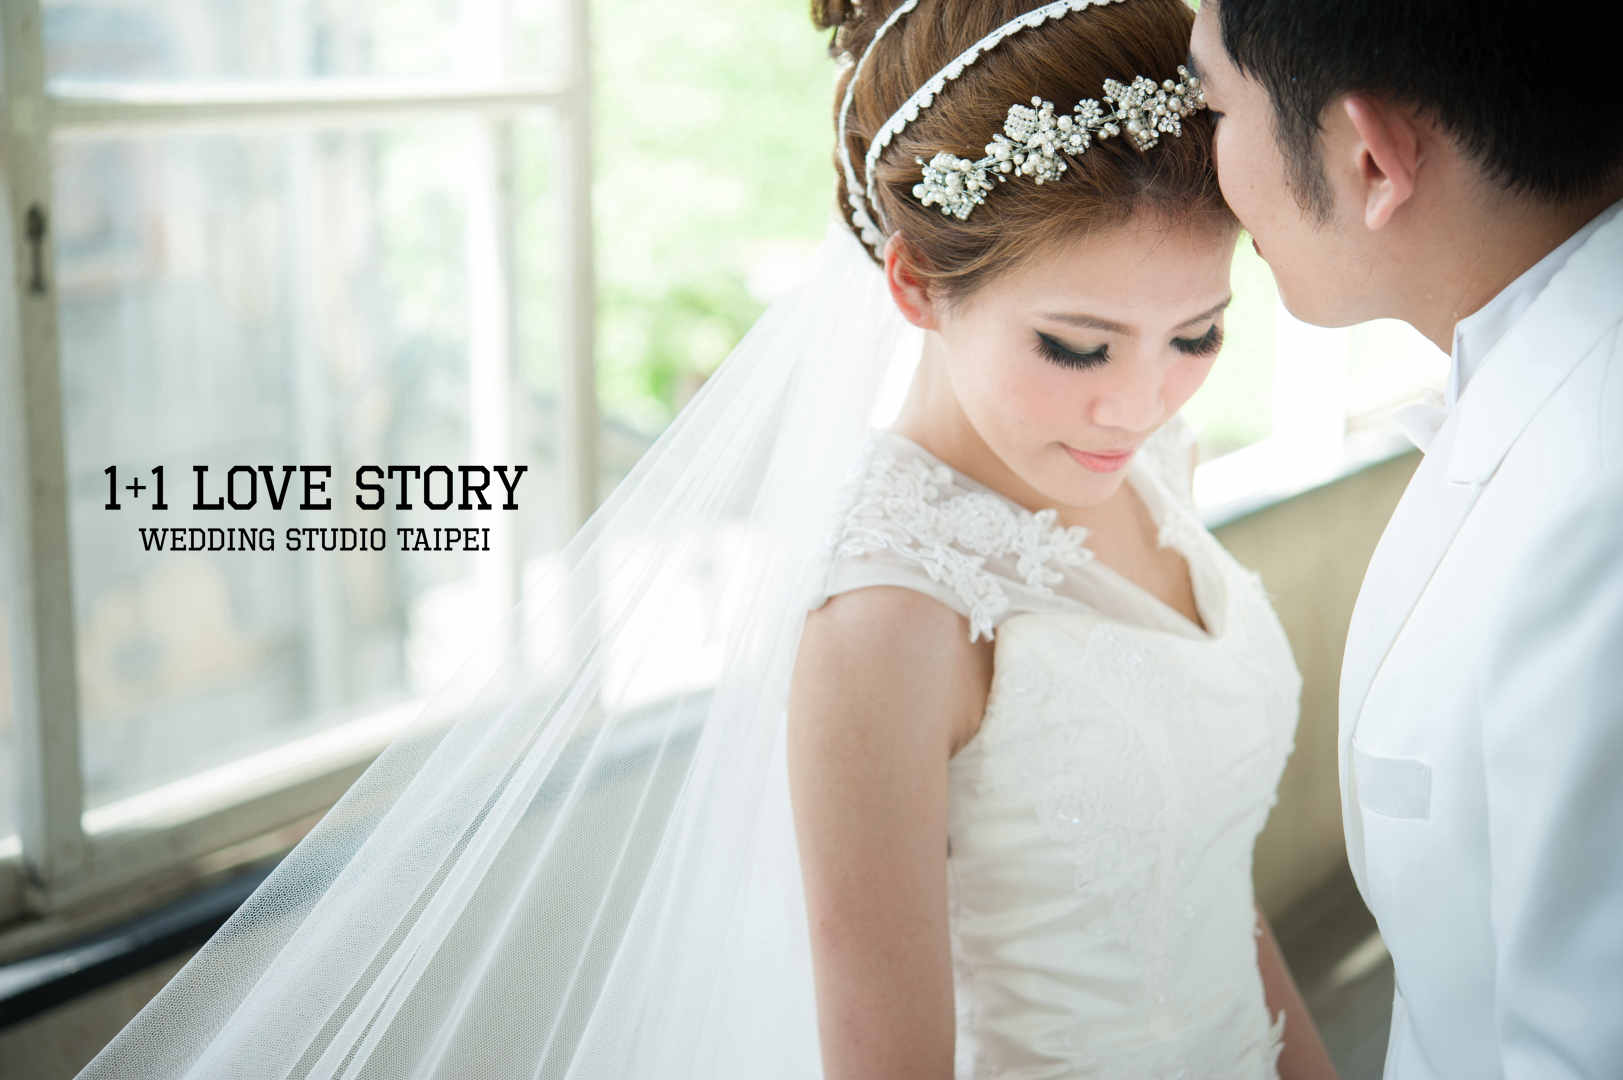 婚紗攝影,臺北自助婚紗,臺北 婚紗攝影,自助婚紗,婚紗包套,婚紗攝影 推薦